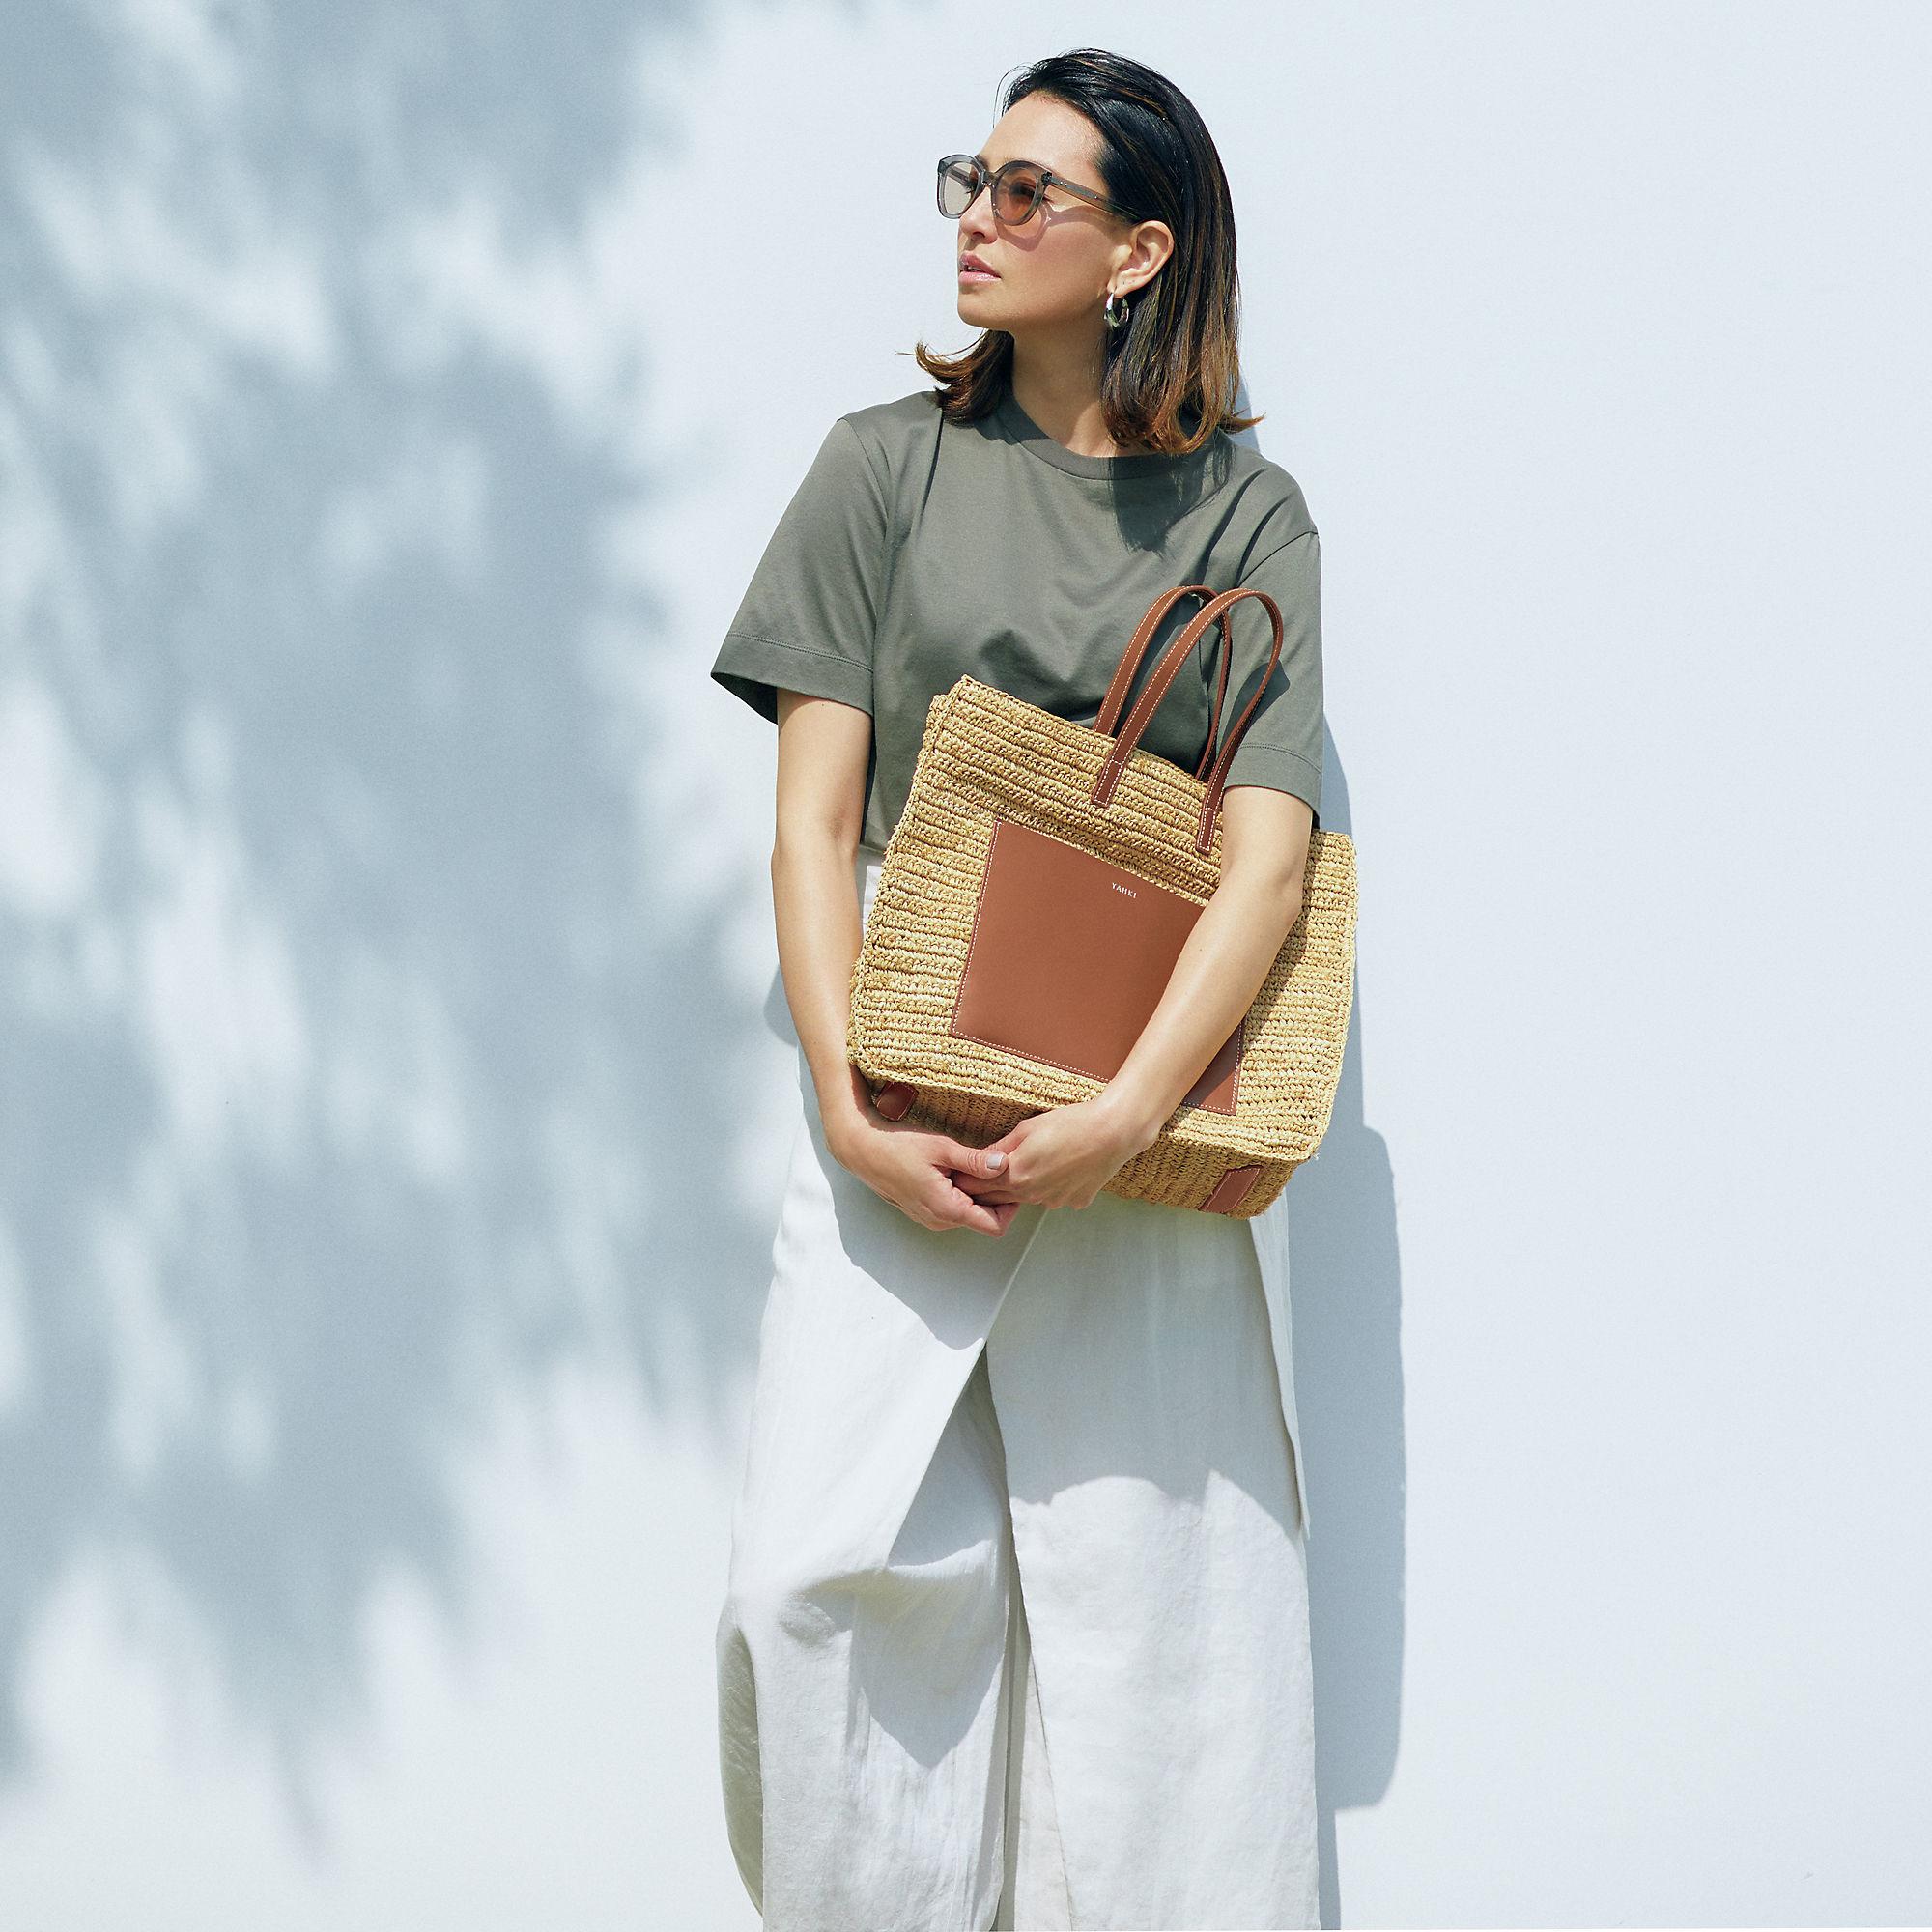 涼しい素材&デザインだけ!信頼ブランドの「真夏も快適」な服_1_16